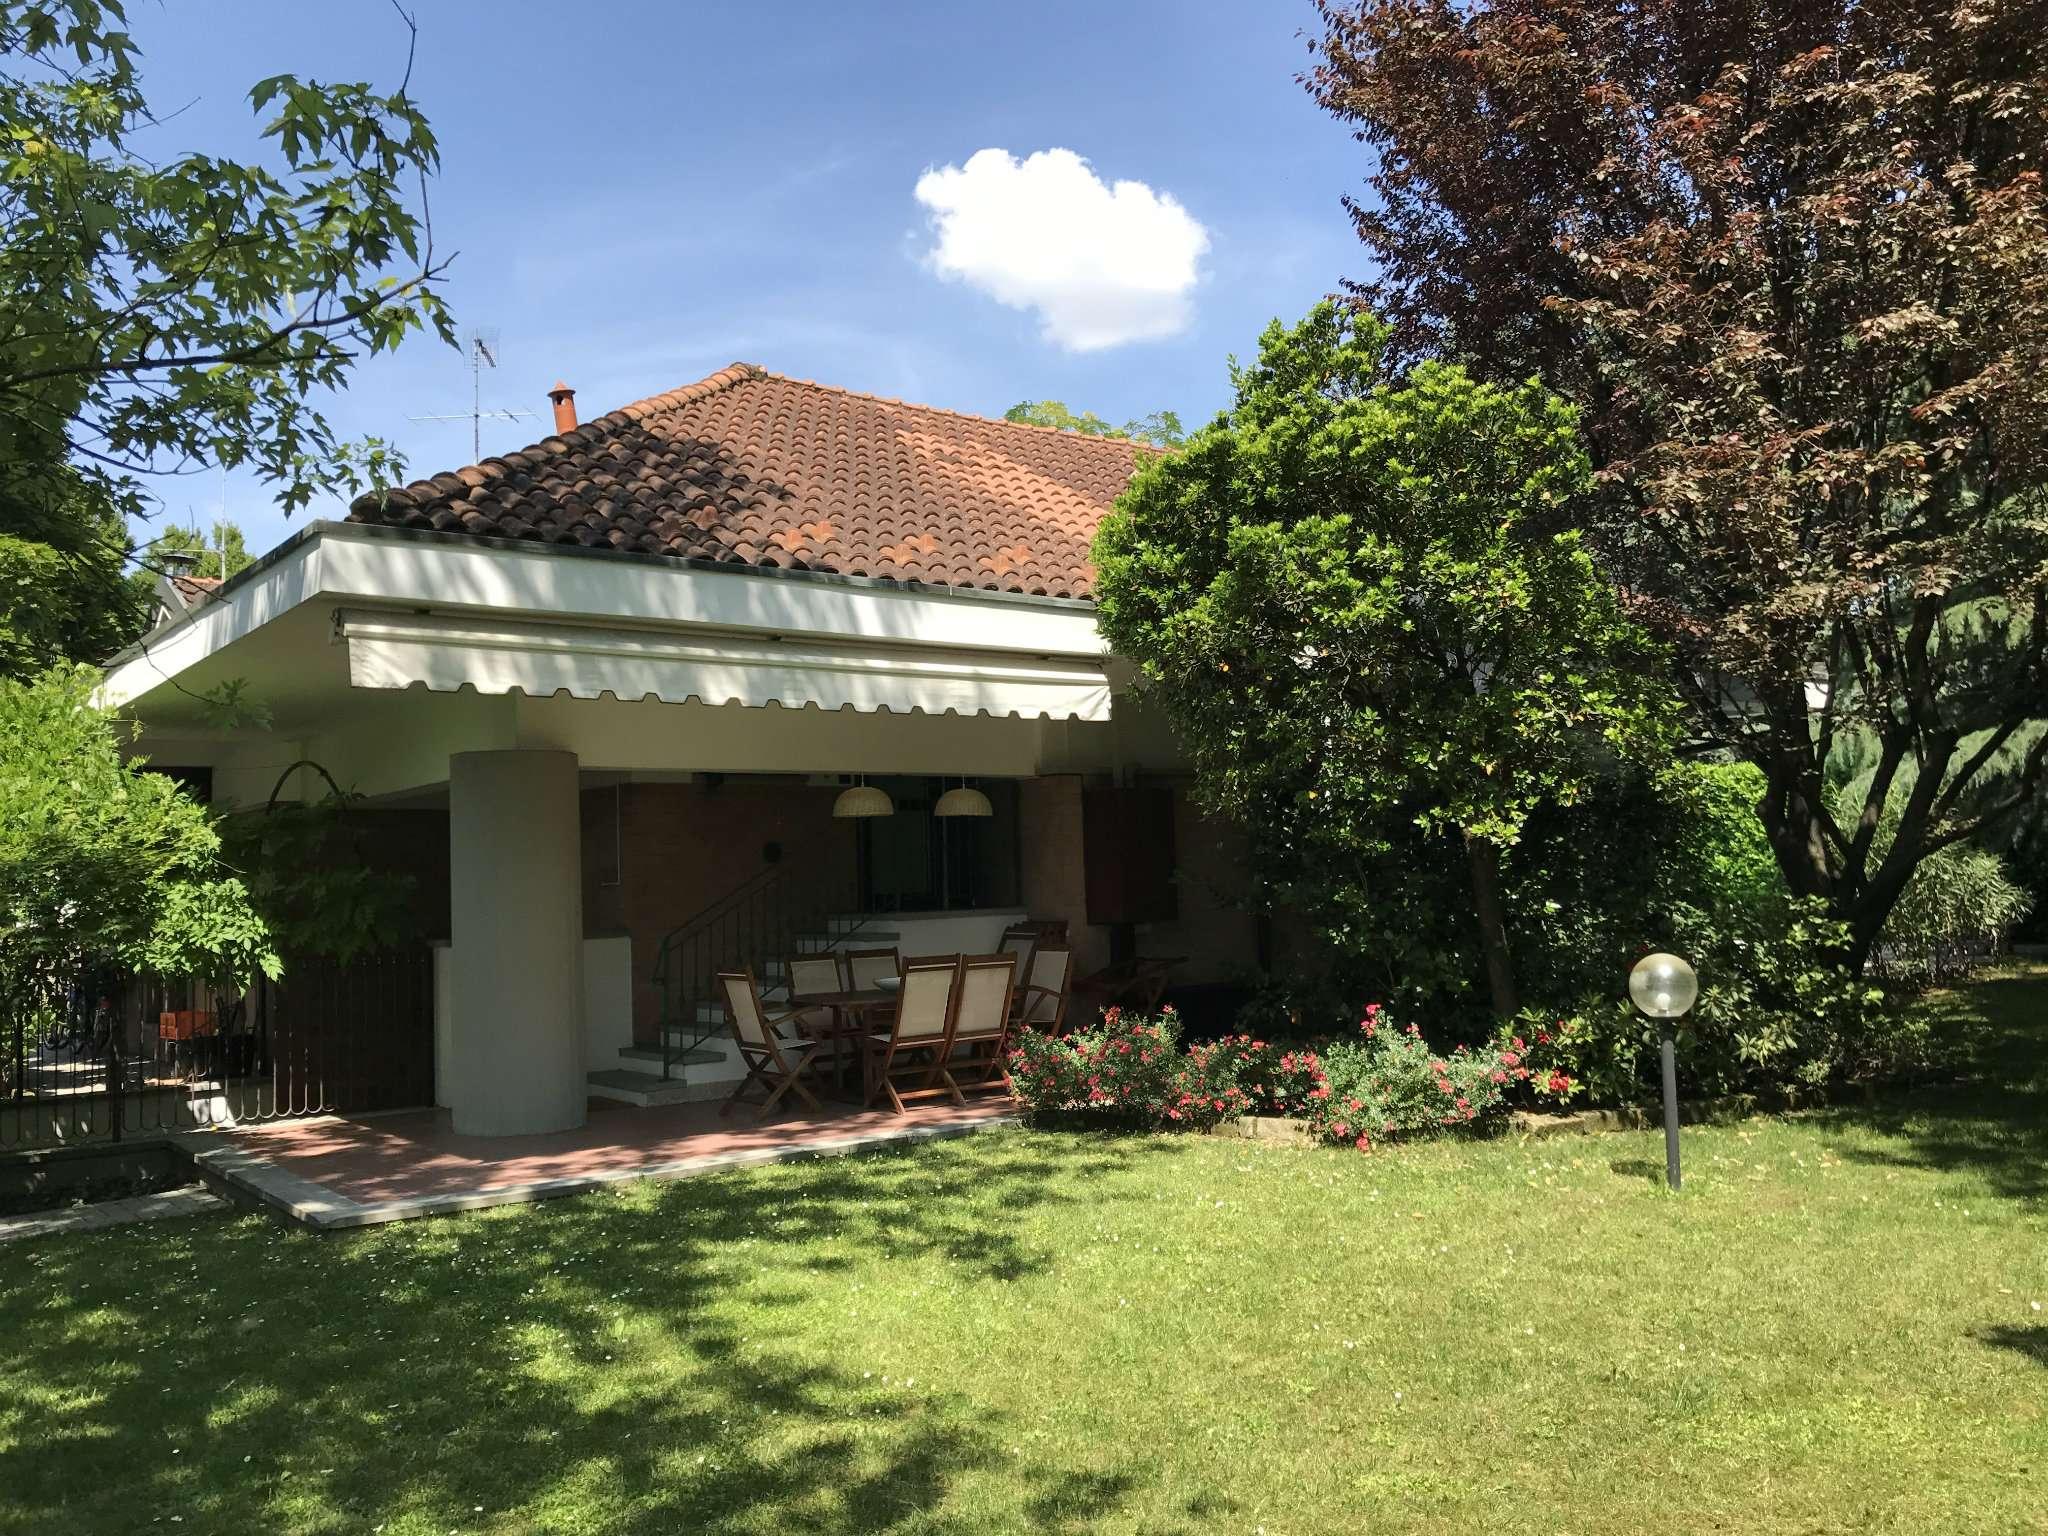 Villa in vendita a Peschiera Borromeo, 5 locali, prezzo € 665.000   Cambio Casa.it